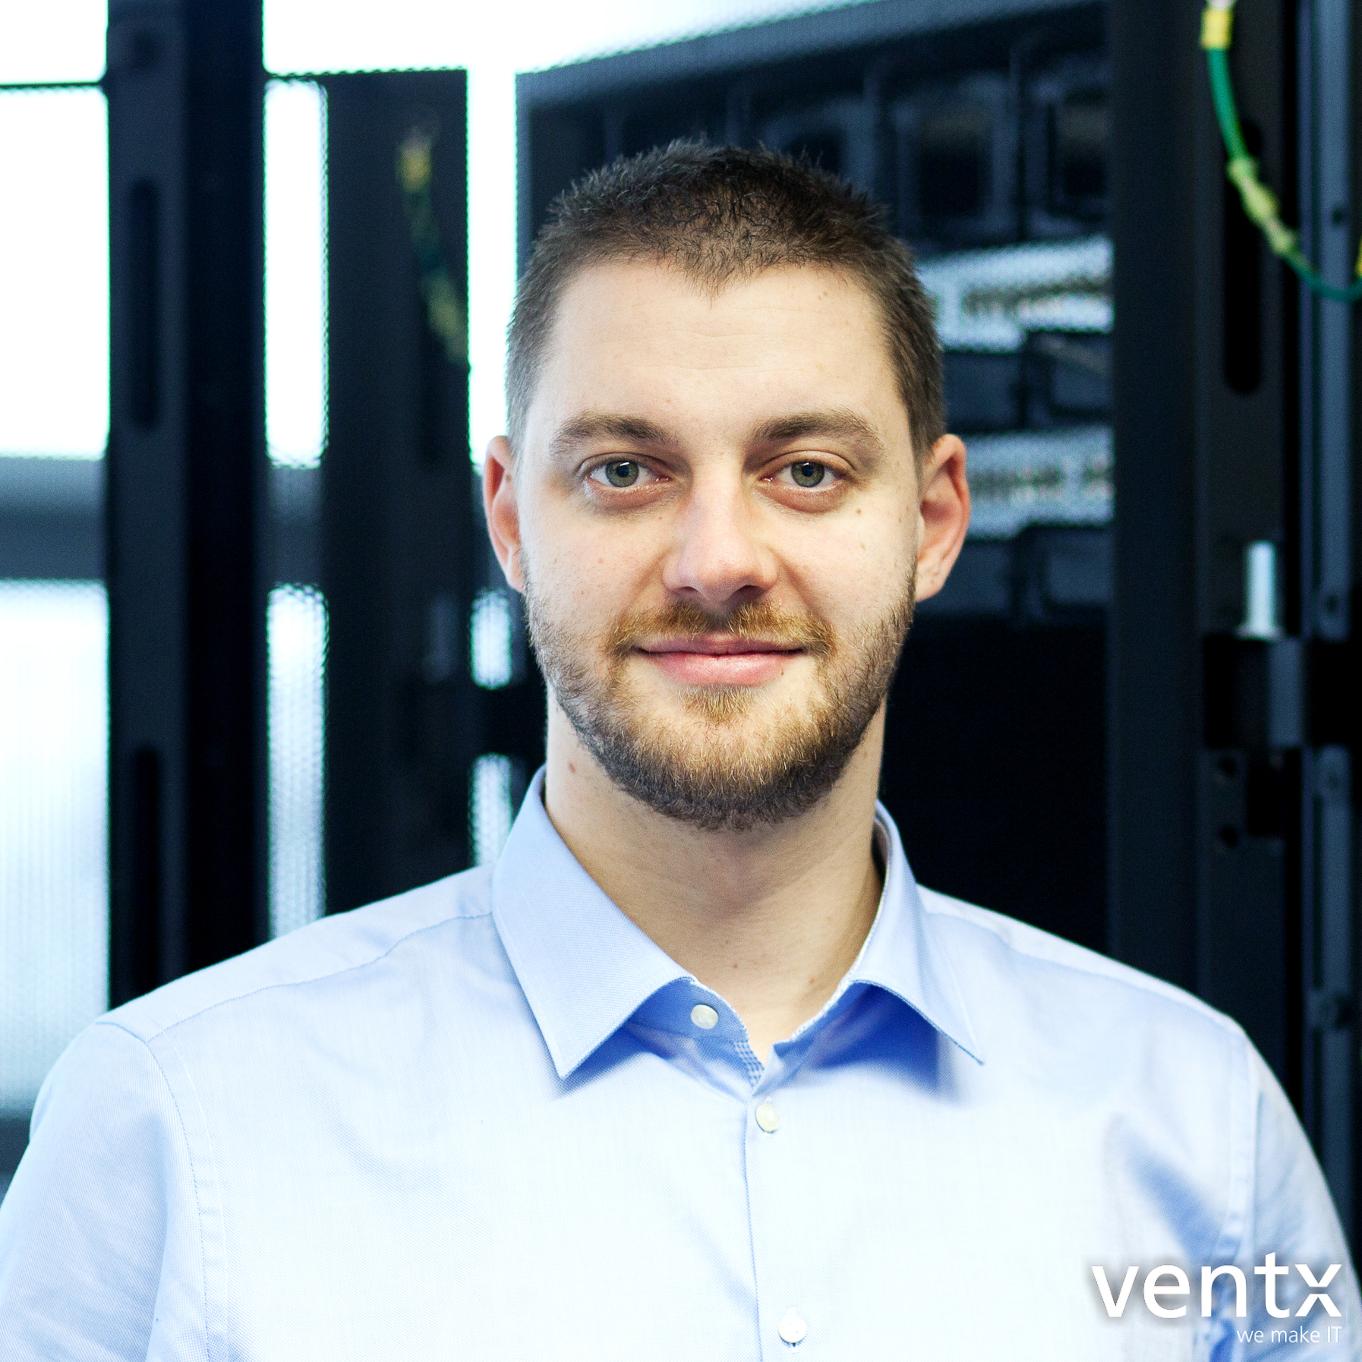 ventx GmbH